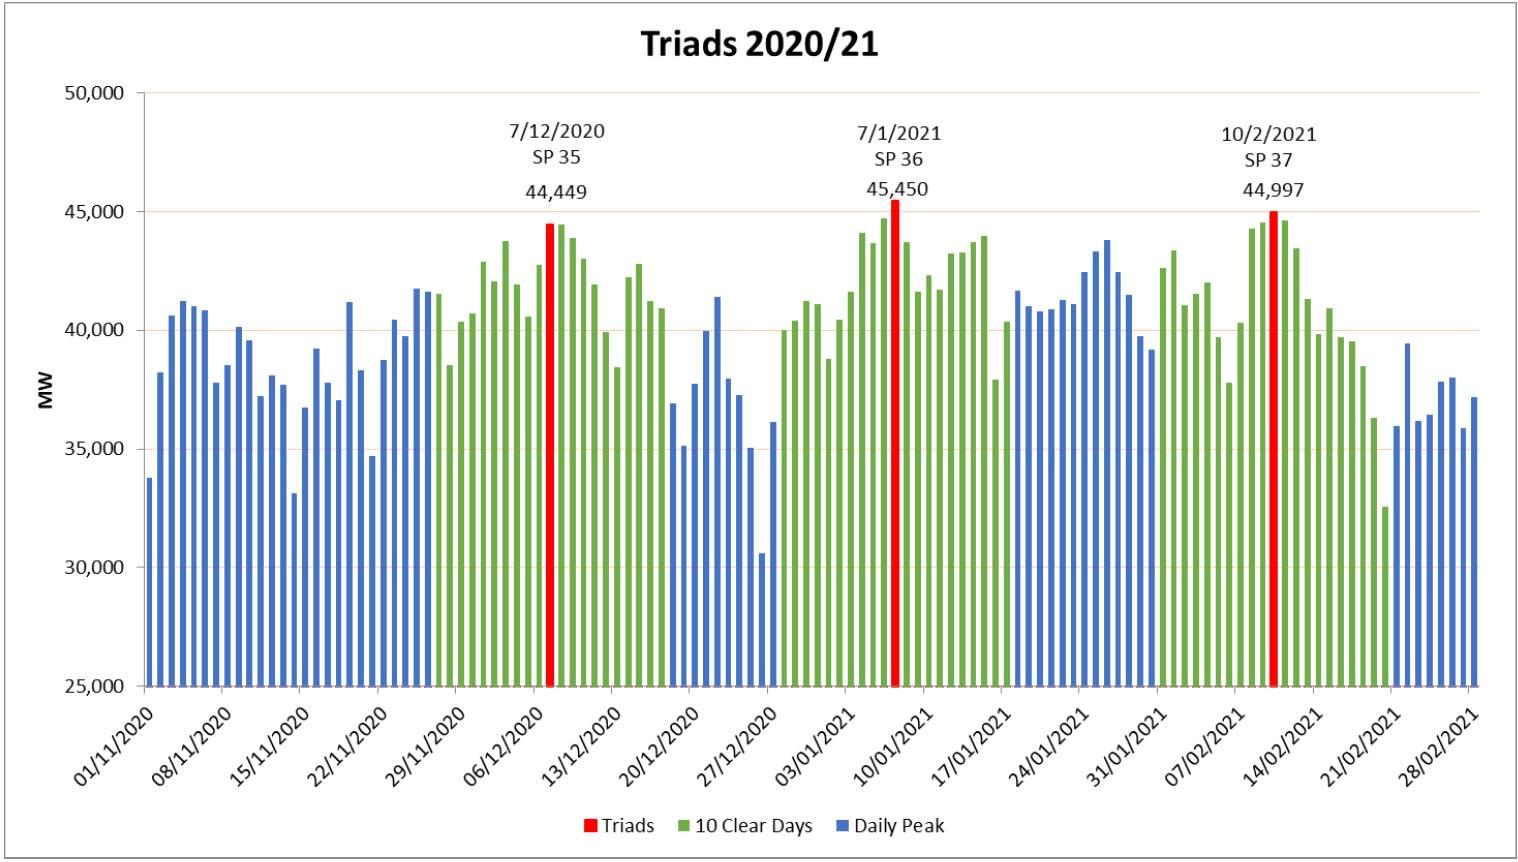 Triad warnings 2020-21 National Grid graph